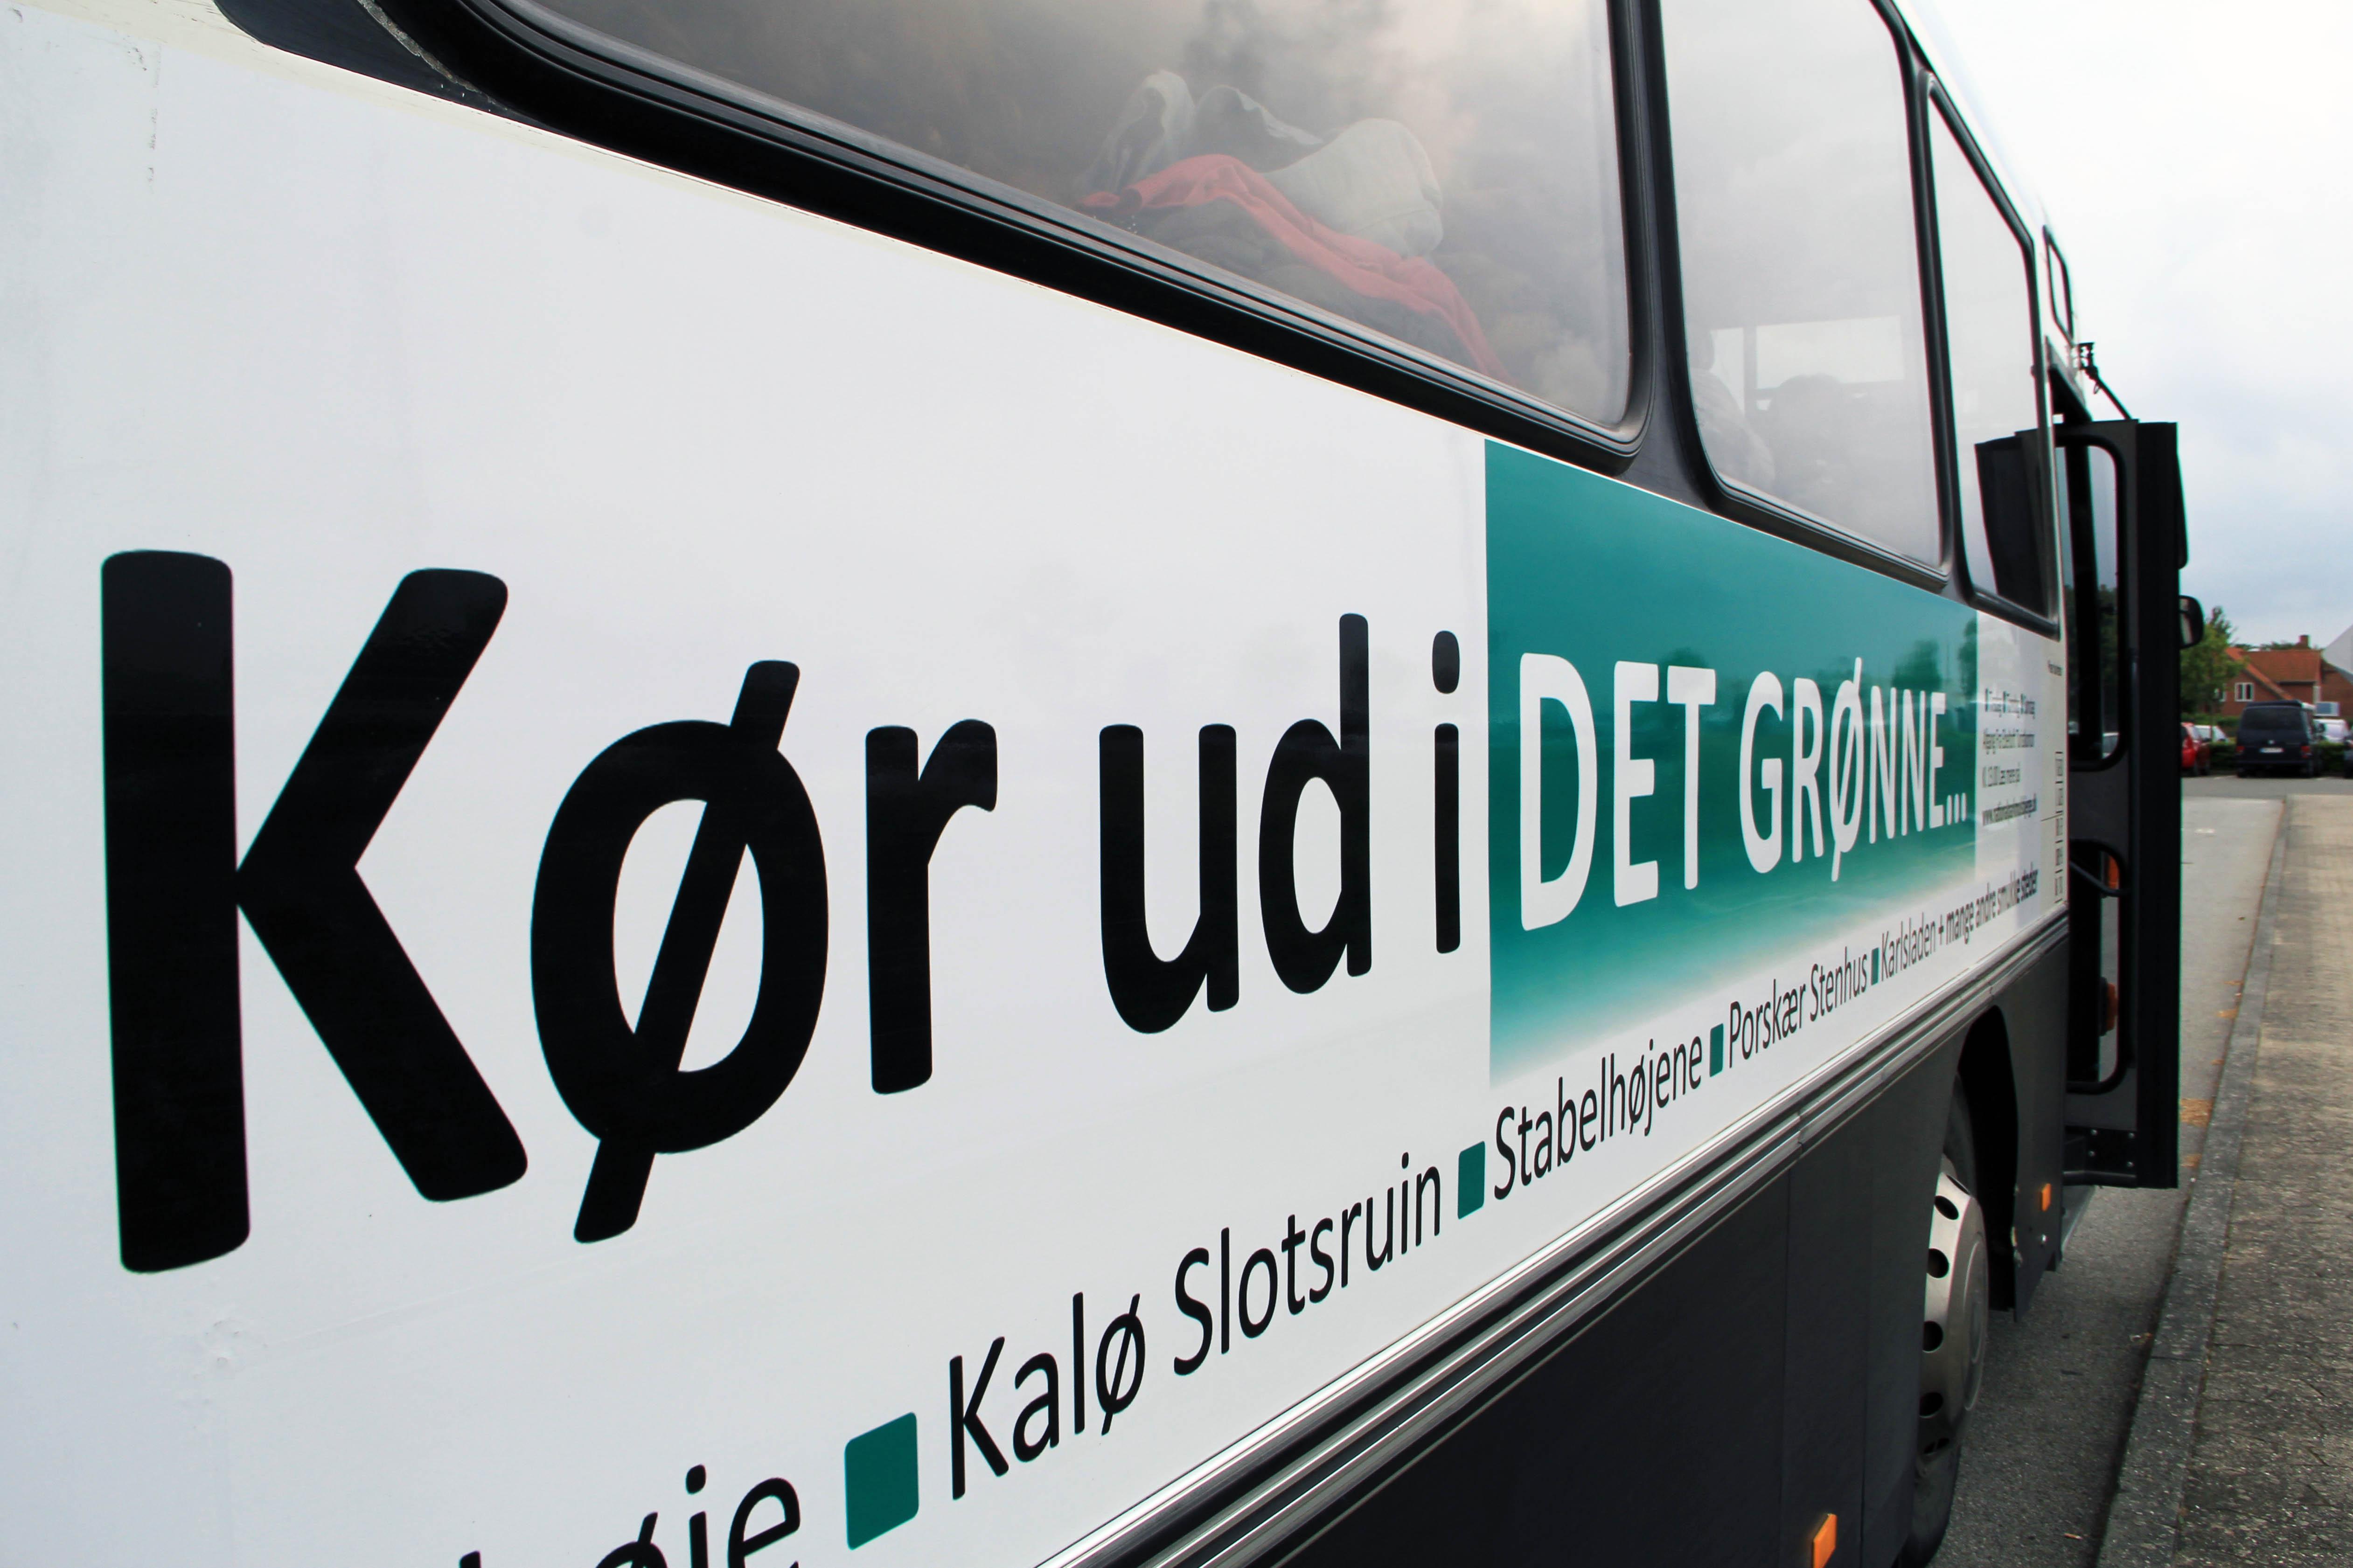 Nuru københavn fitness world udmelding